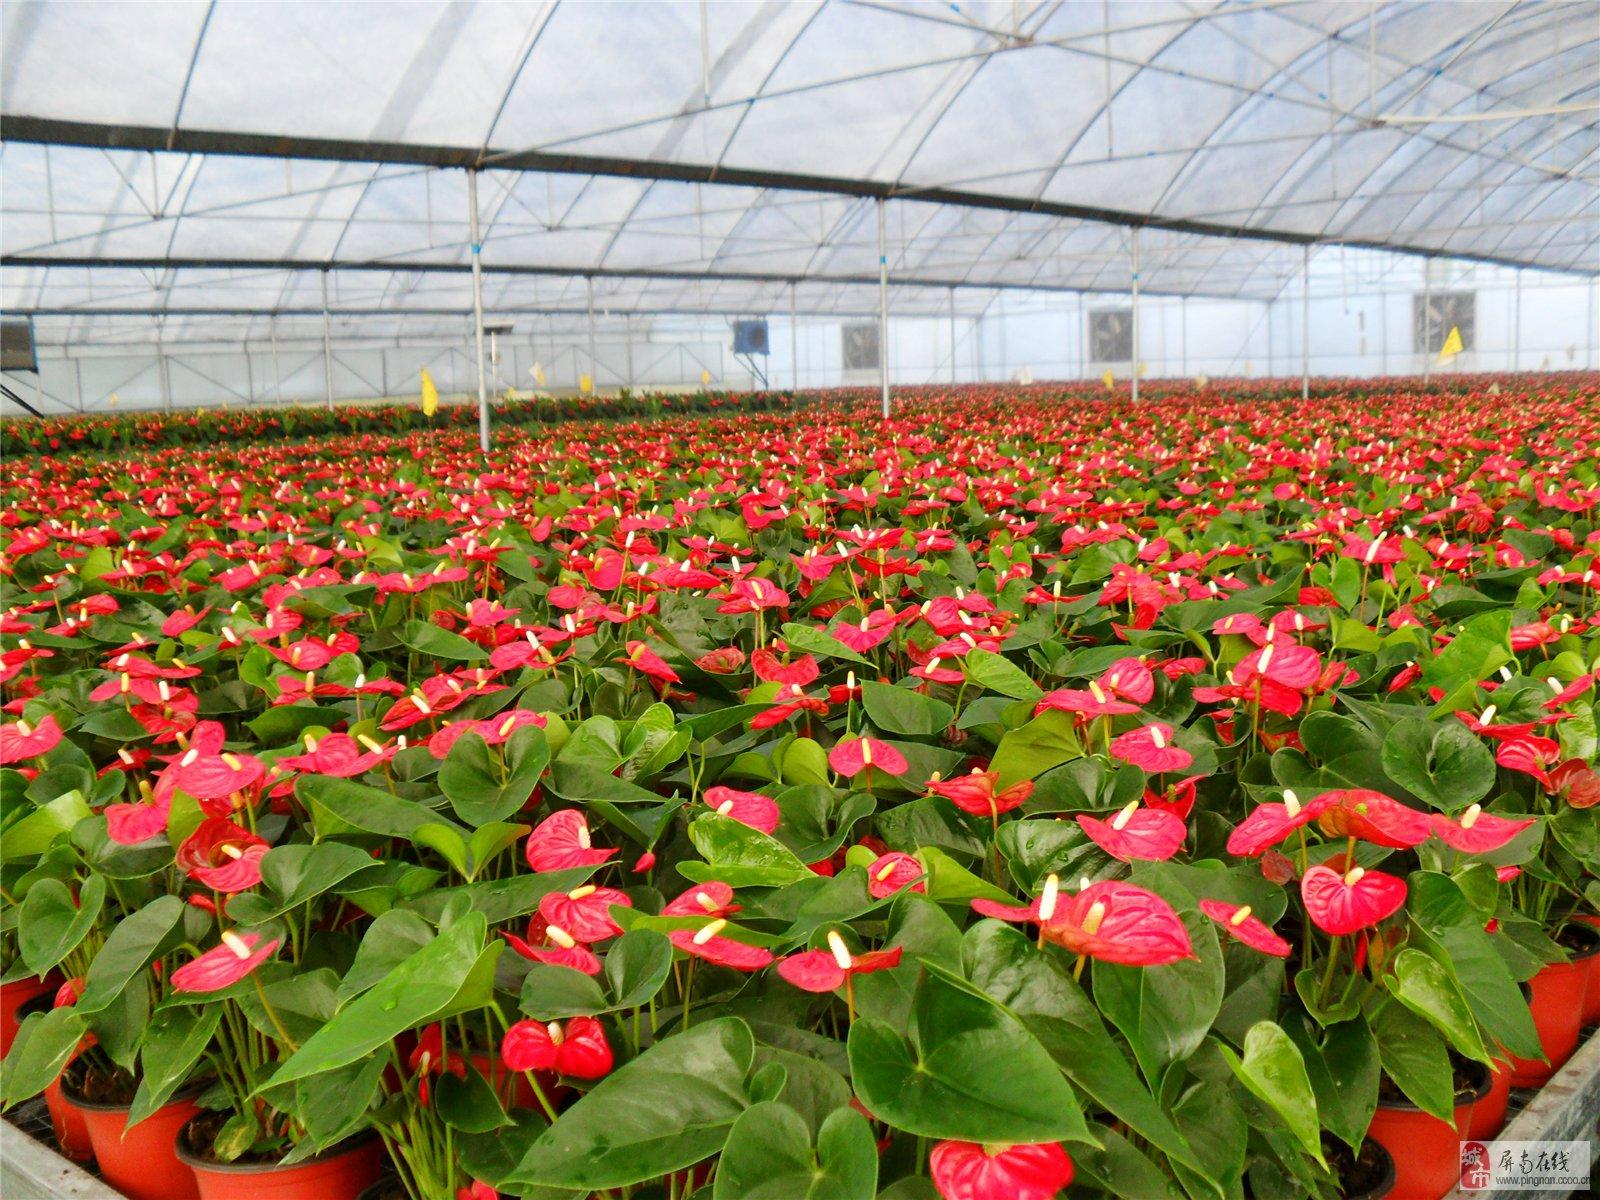 论野生花卉在现代园艺中的可持续发展研究图片